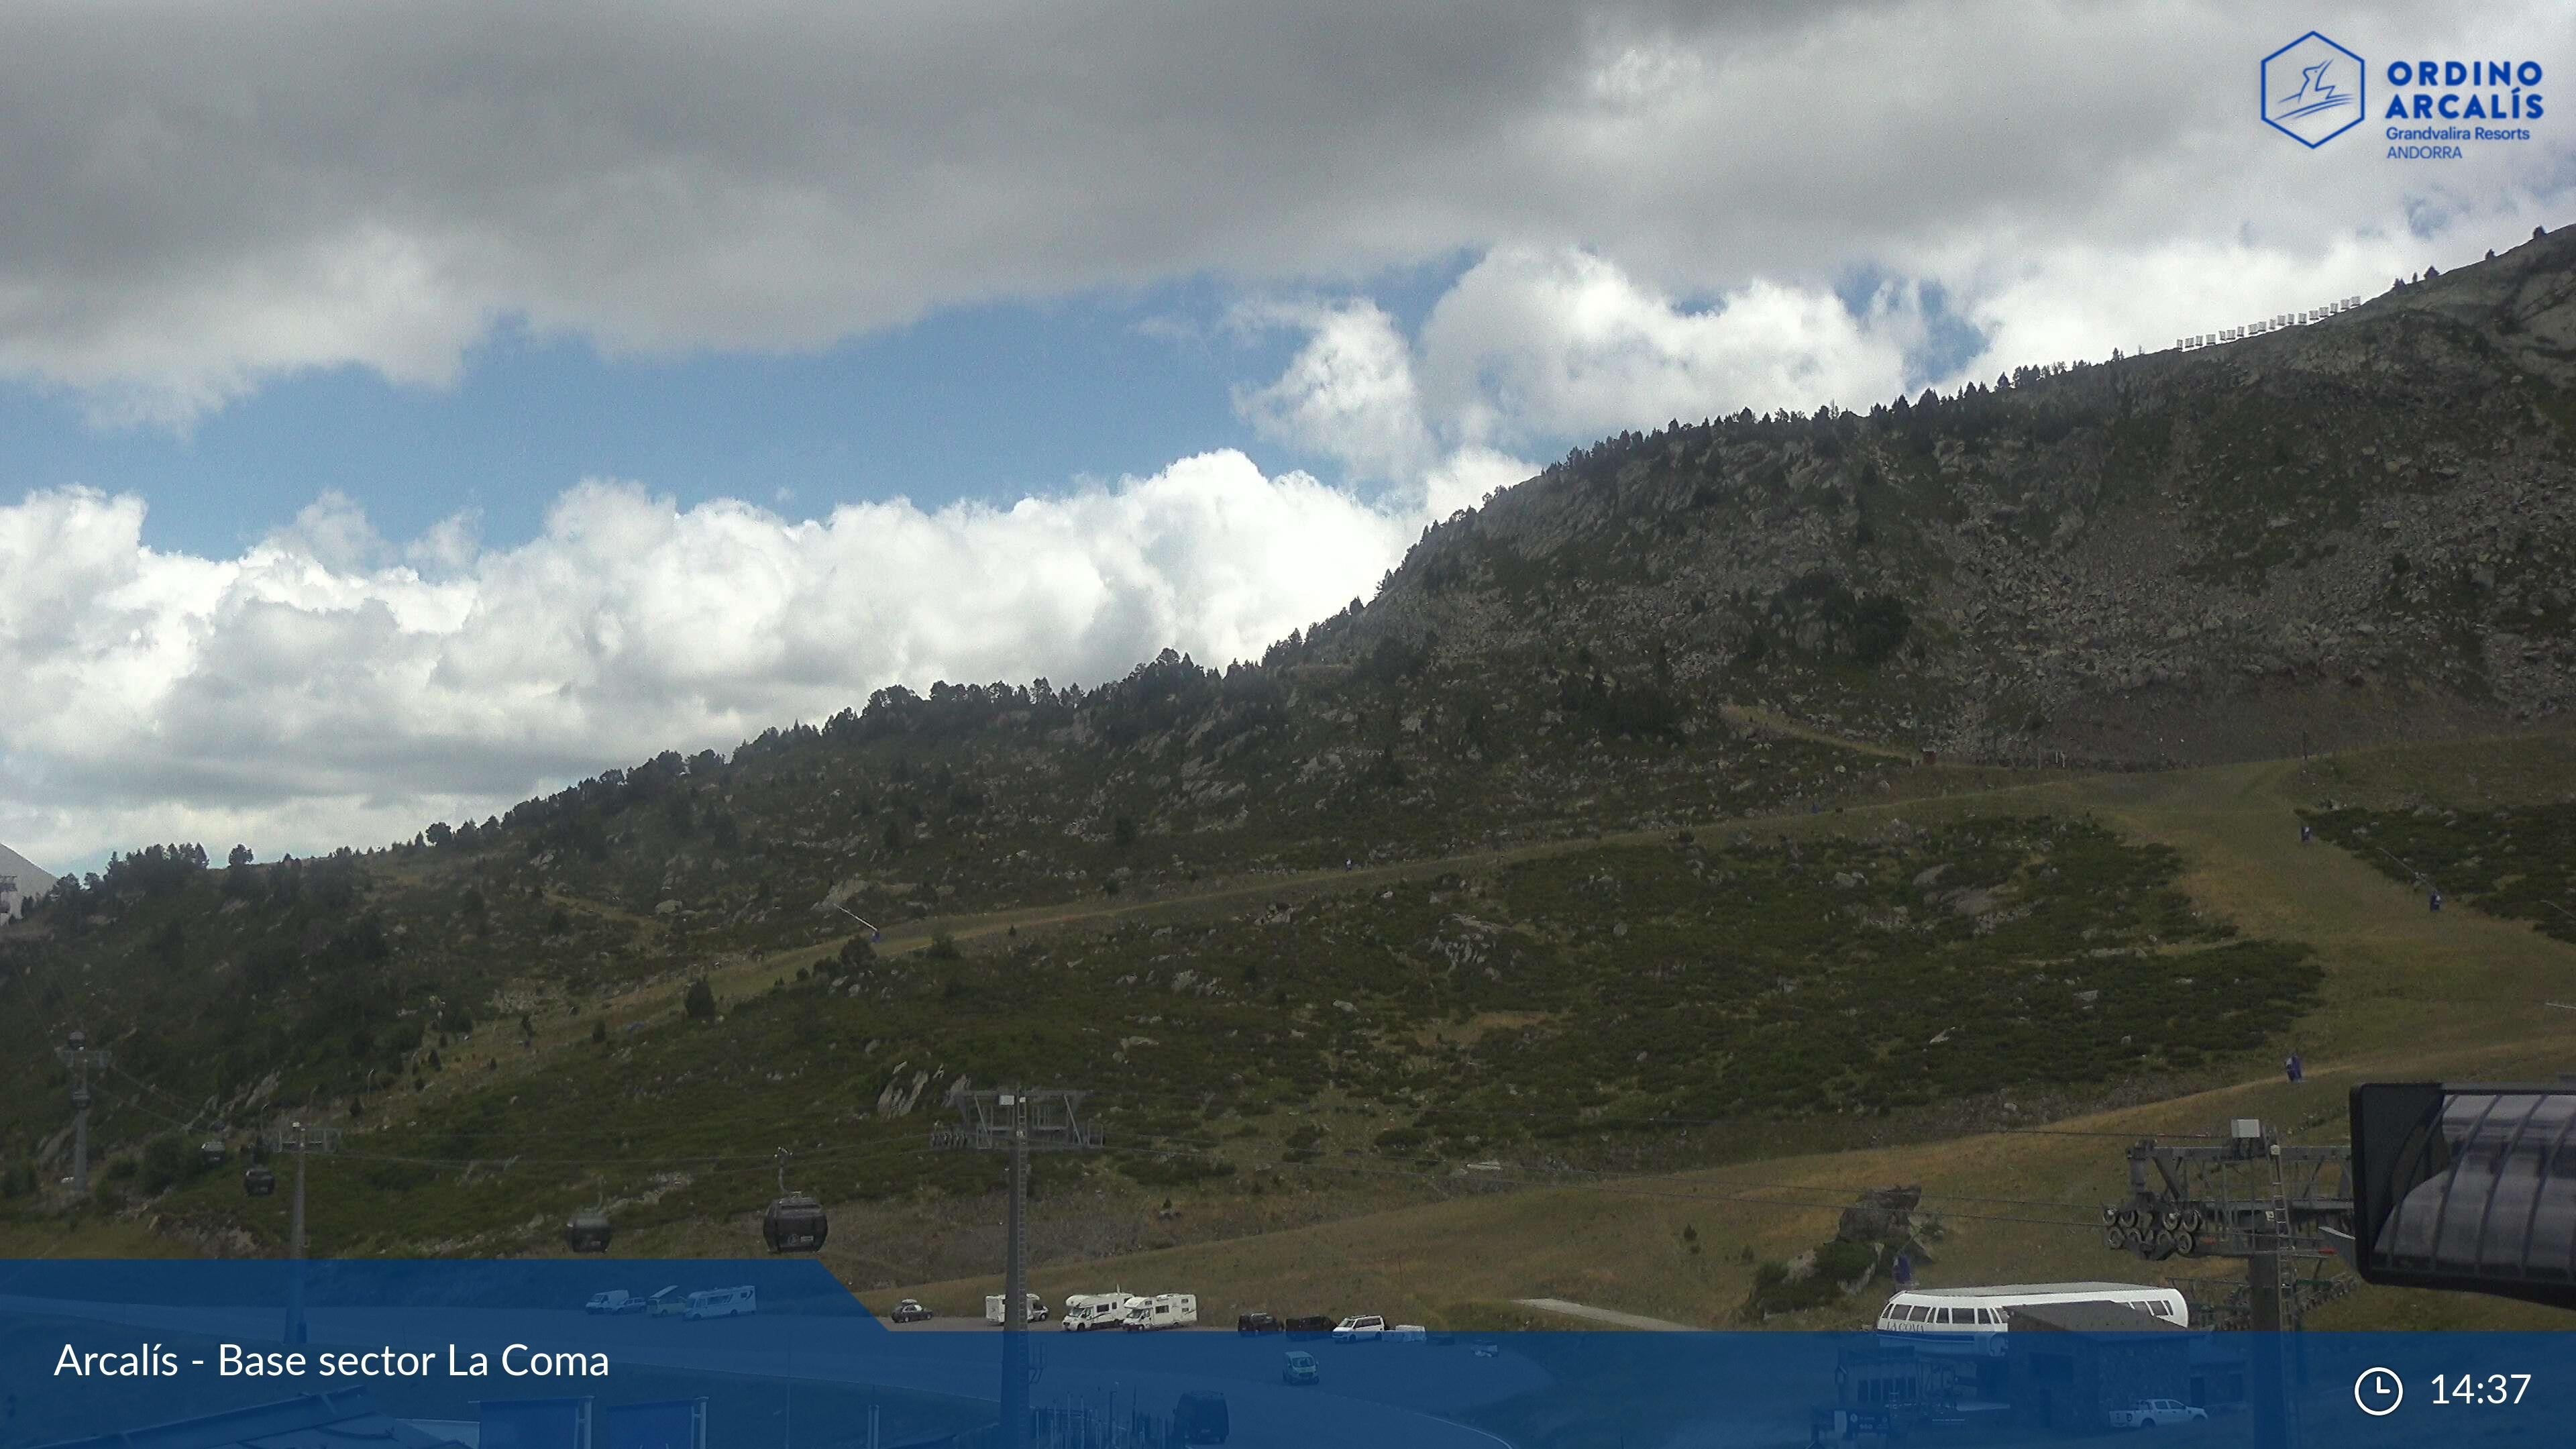 Webcam en La Coma - Feixants, Ordino Arcalís (Andorra)